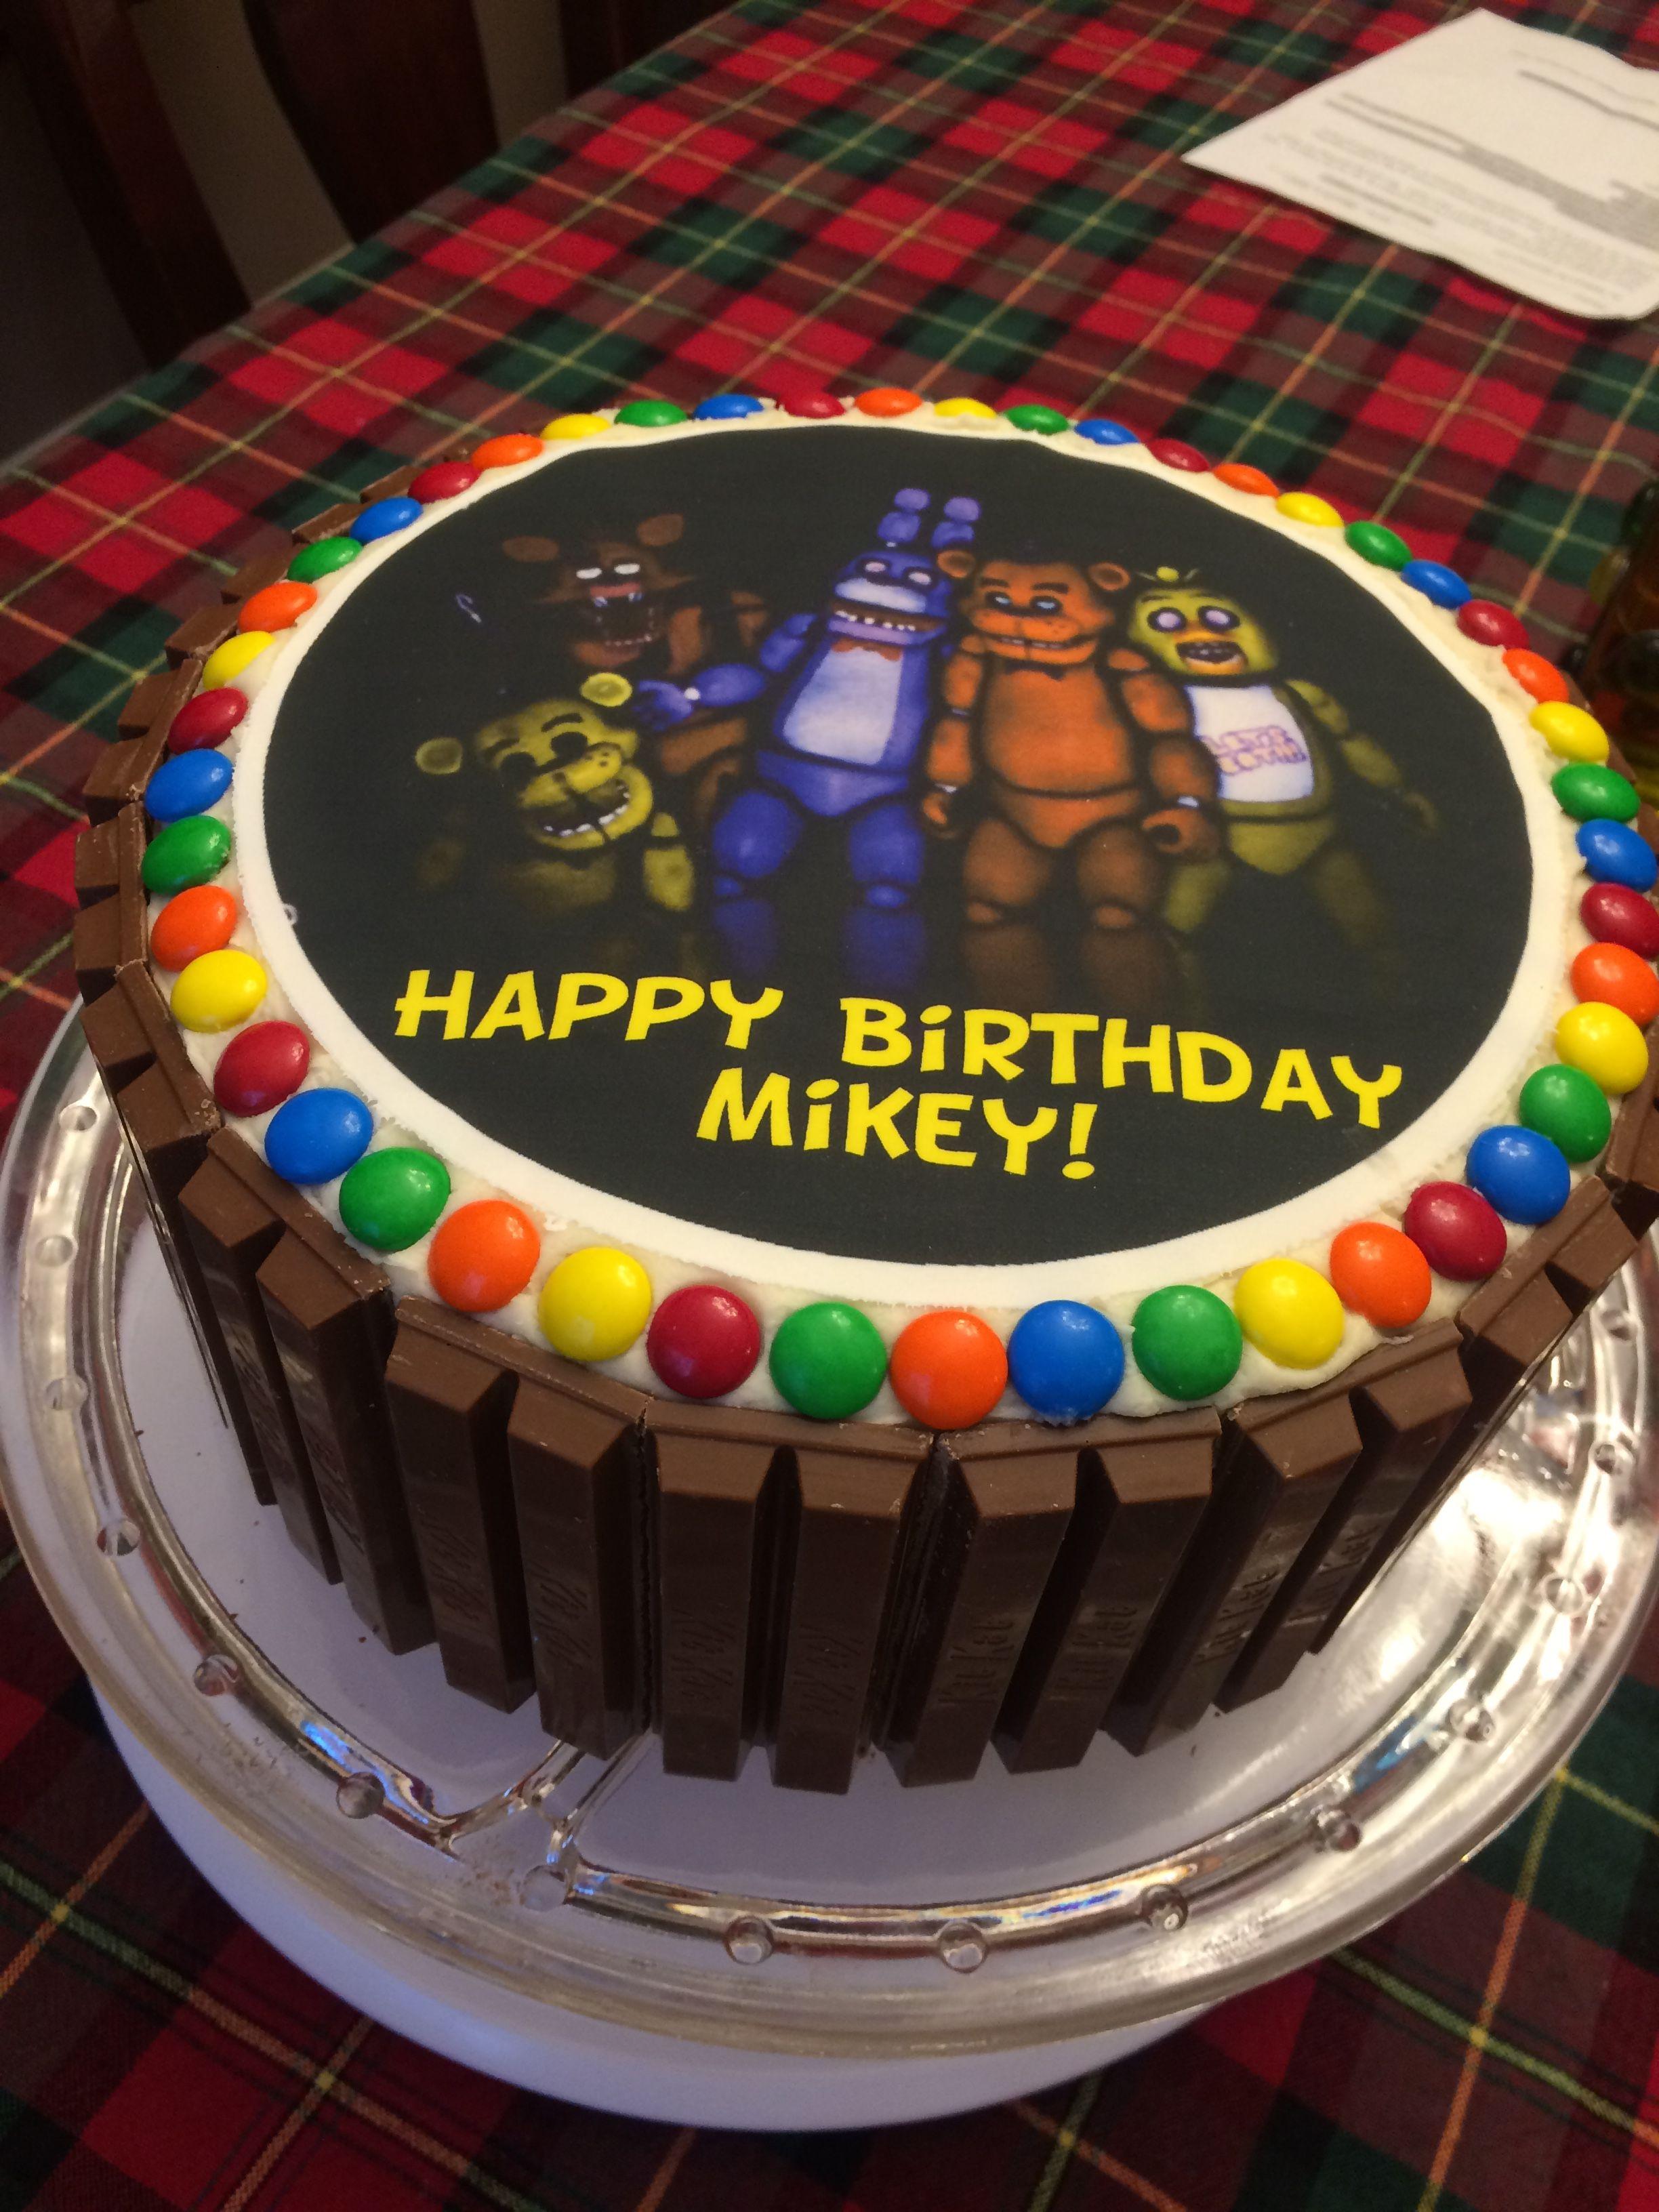 Five nights at freddys kit kat cake fnaf cake cake